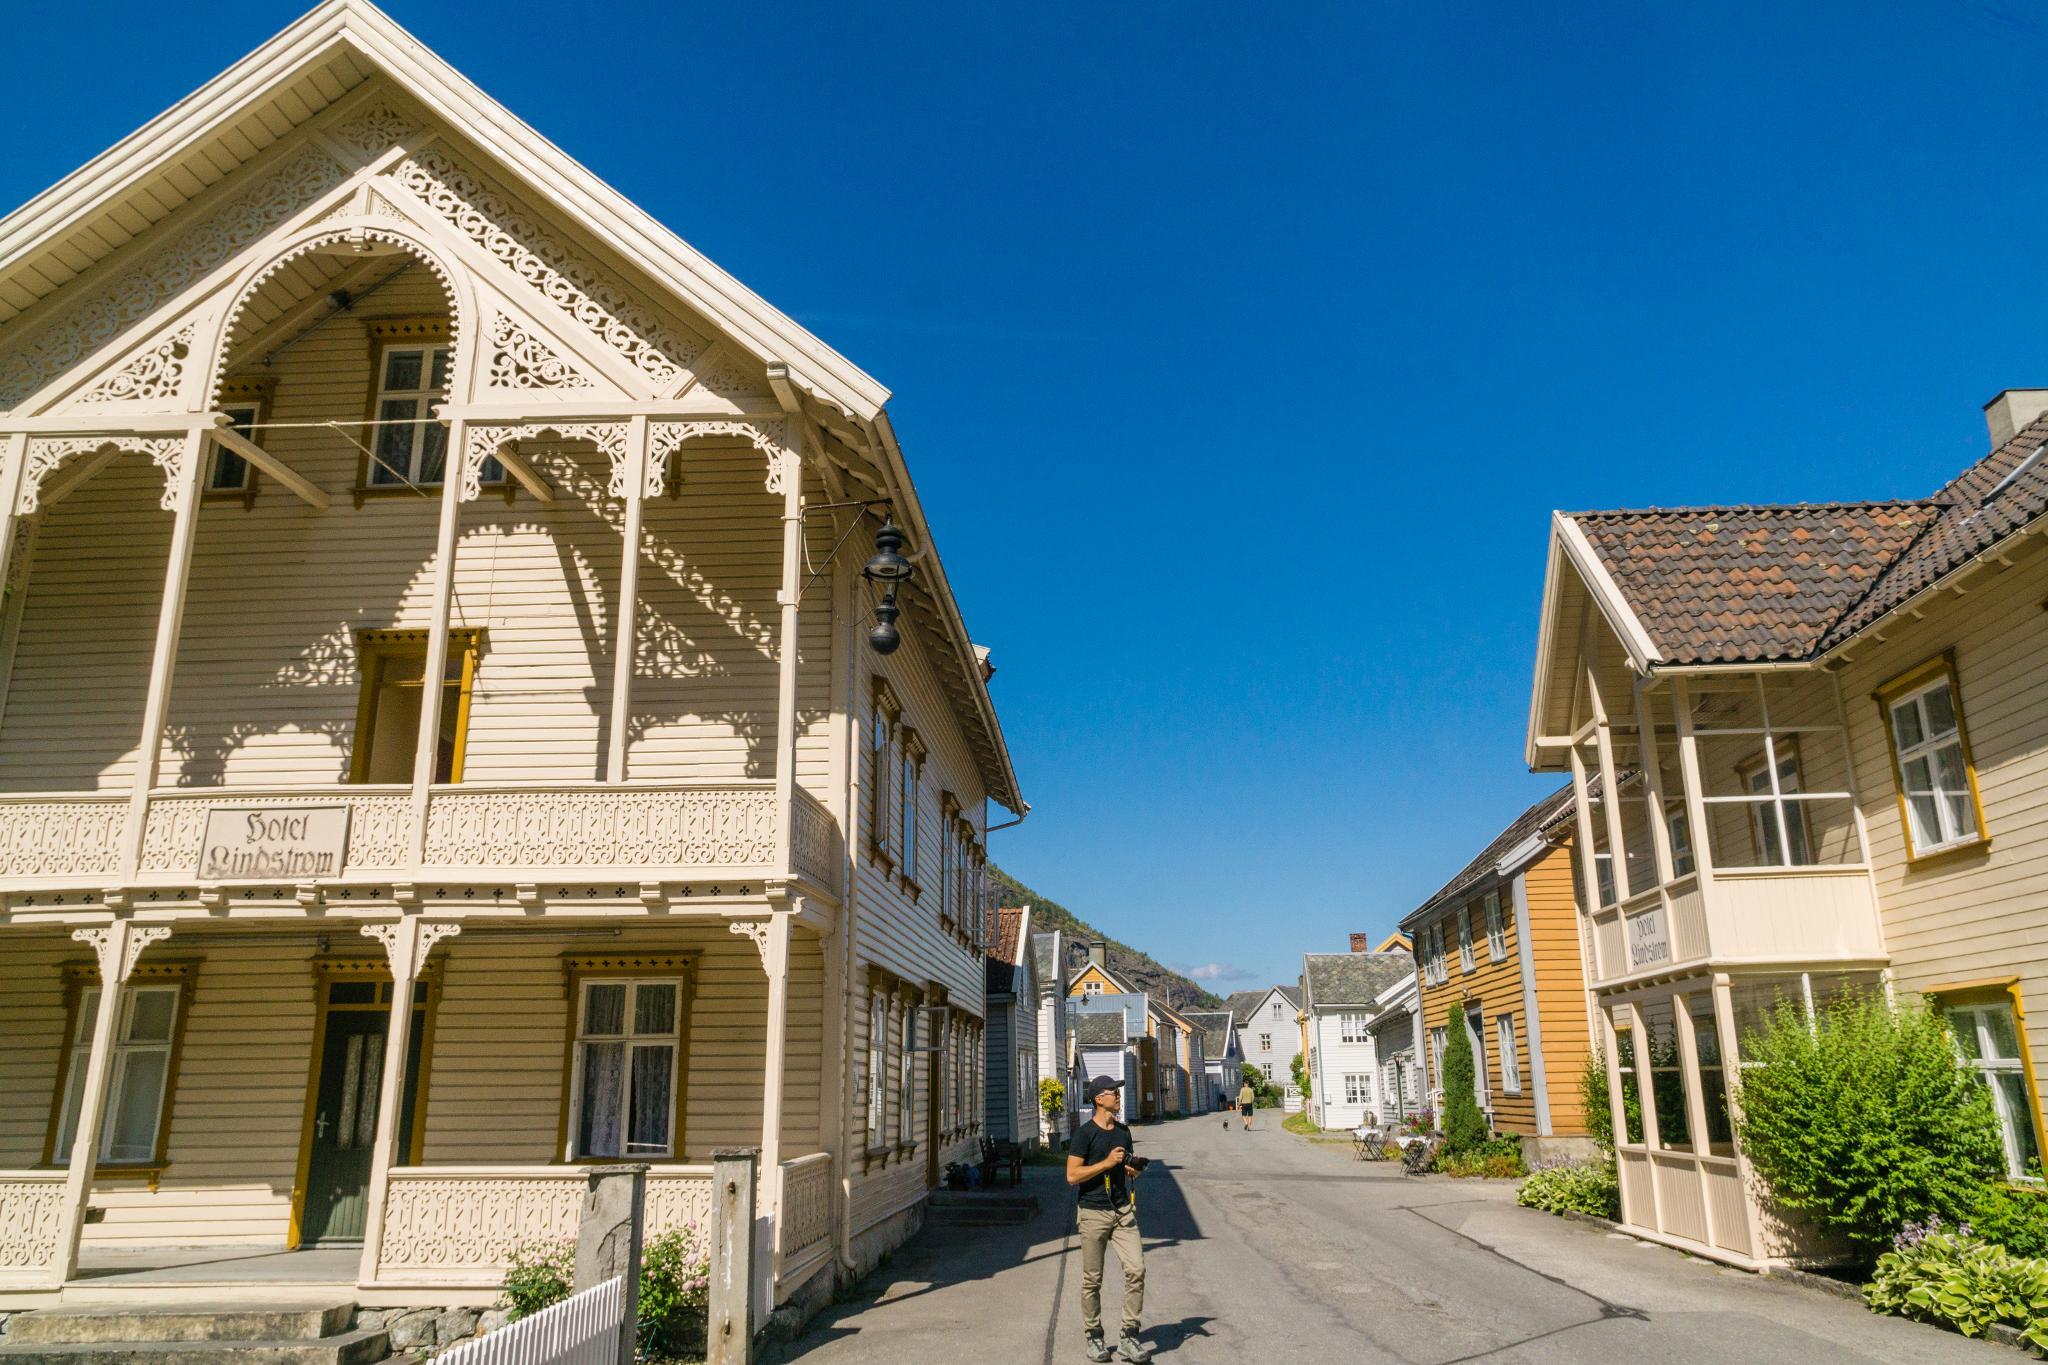 【北歐景點】Lærdalsøyri 世遺松恩峽灣萊達爾小鎮的仲夏風景 30